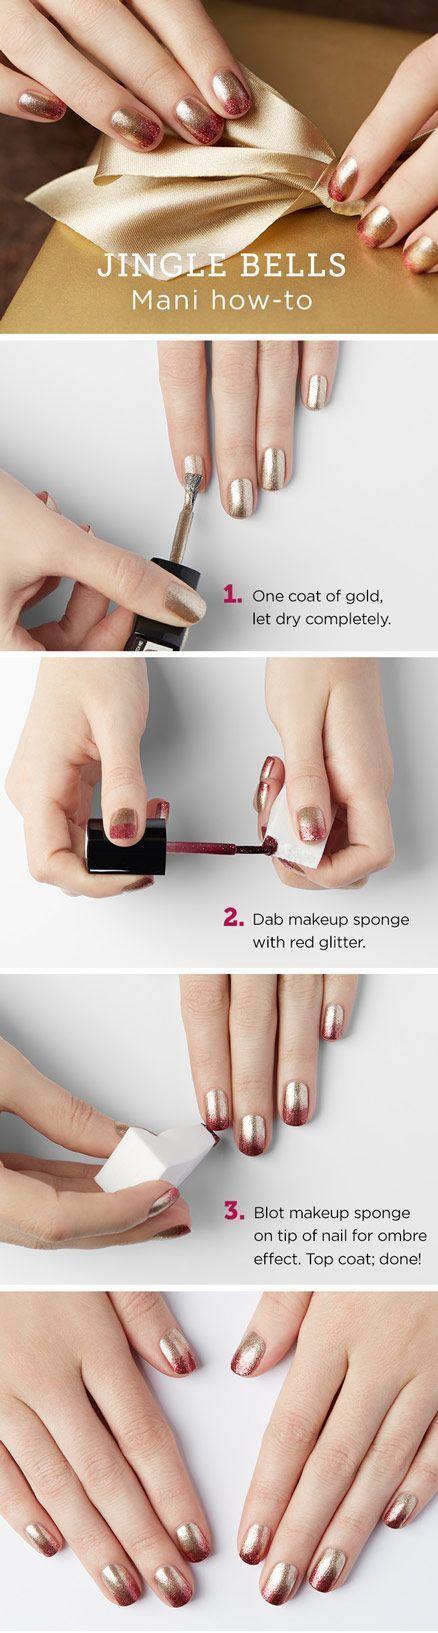 colorful-nails | Simple nail arts, Art tutorials and Beauty nails